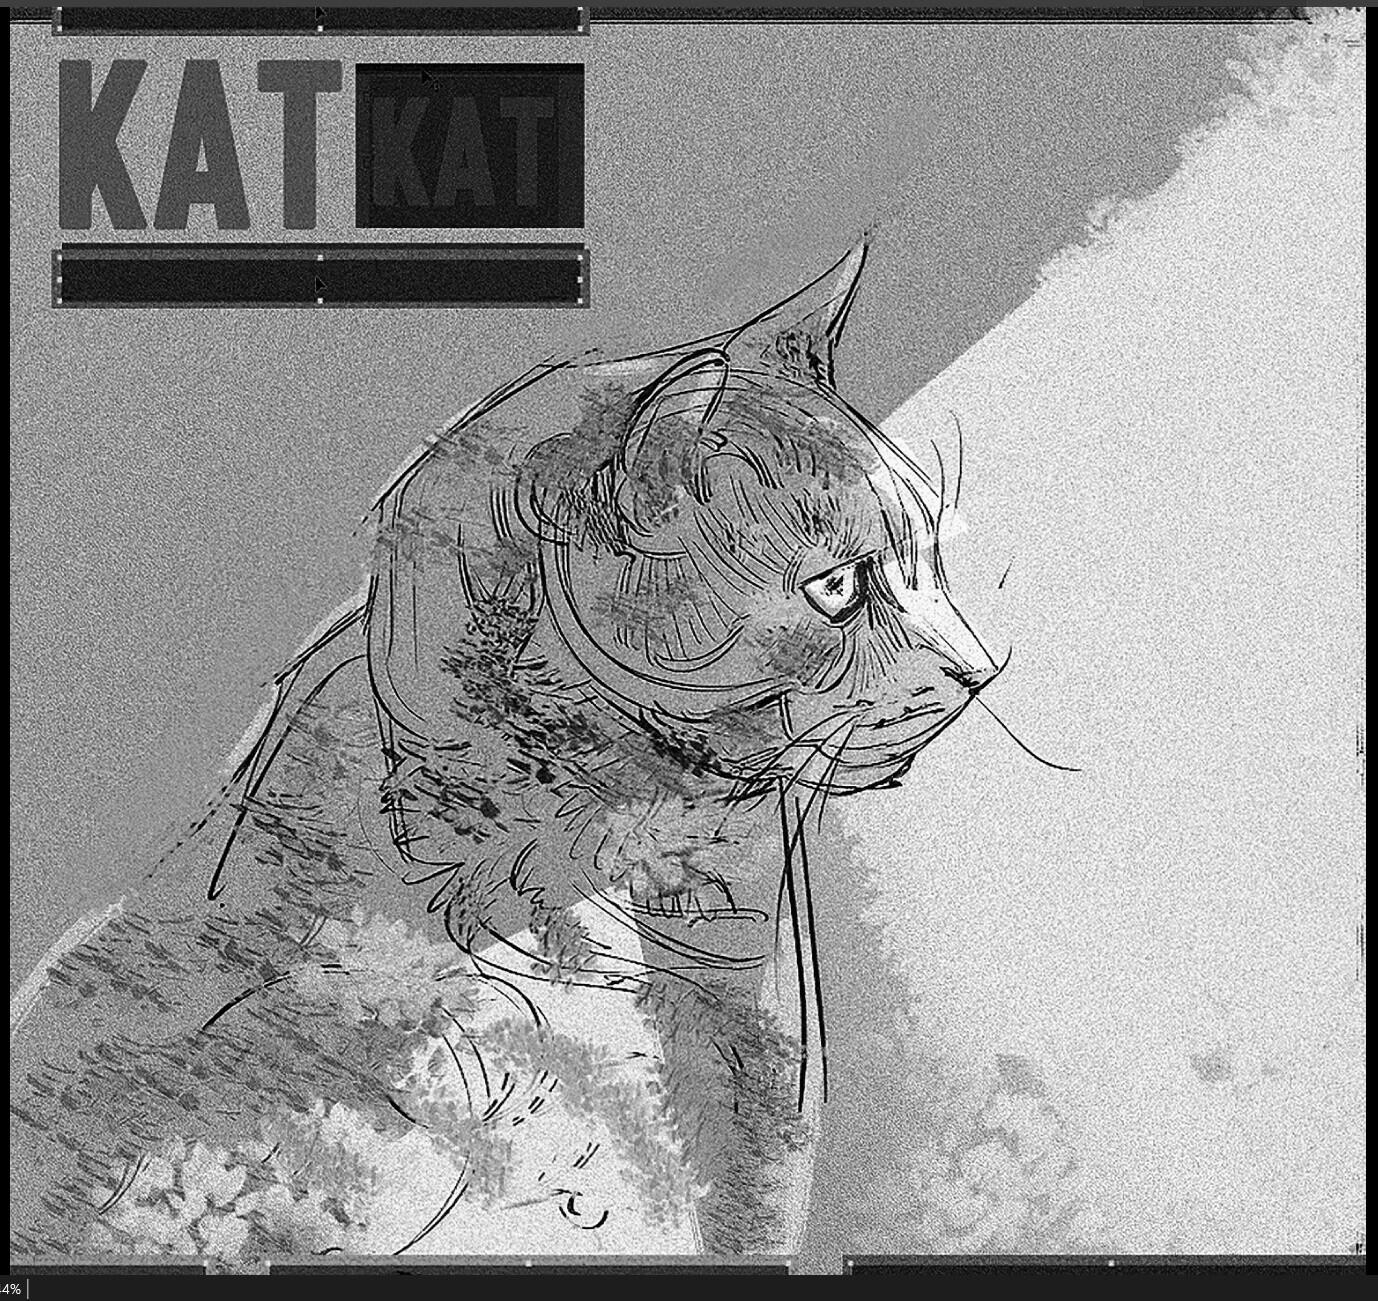 KAT44.